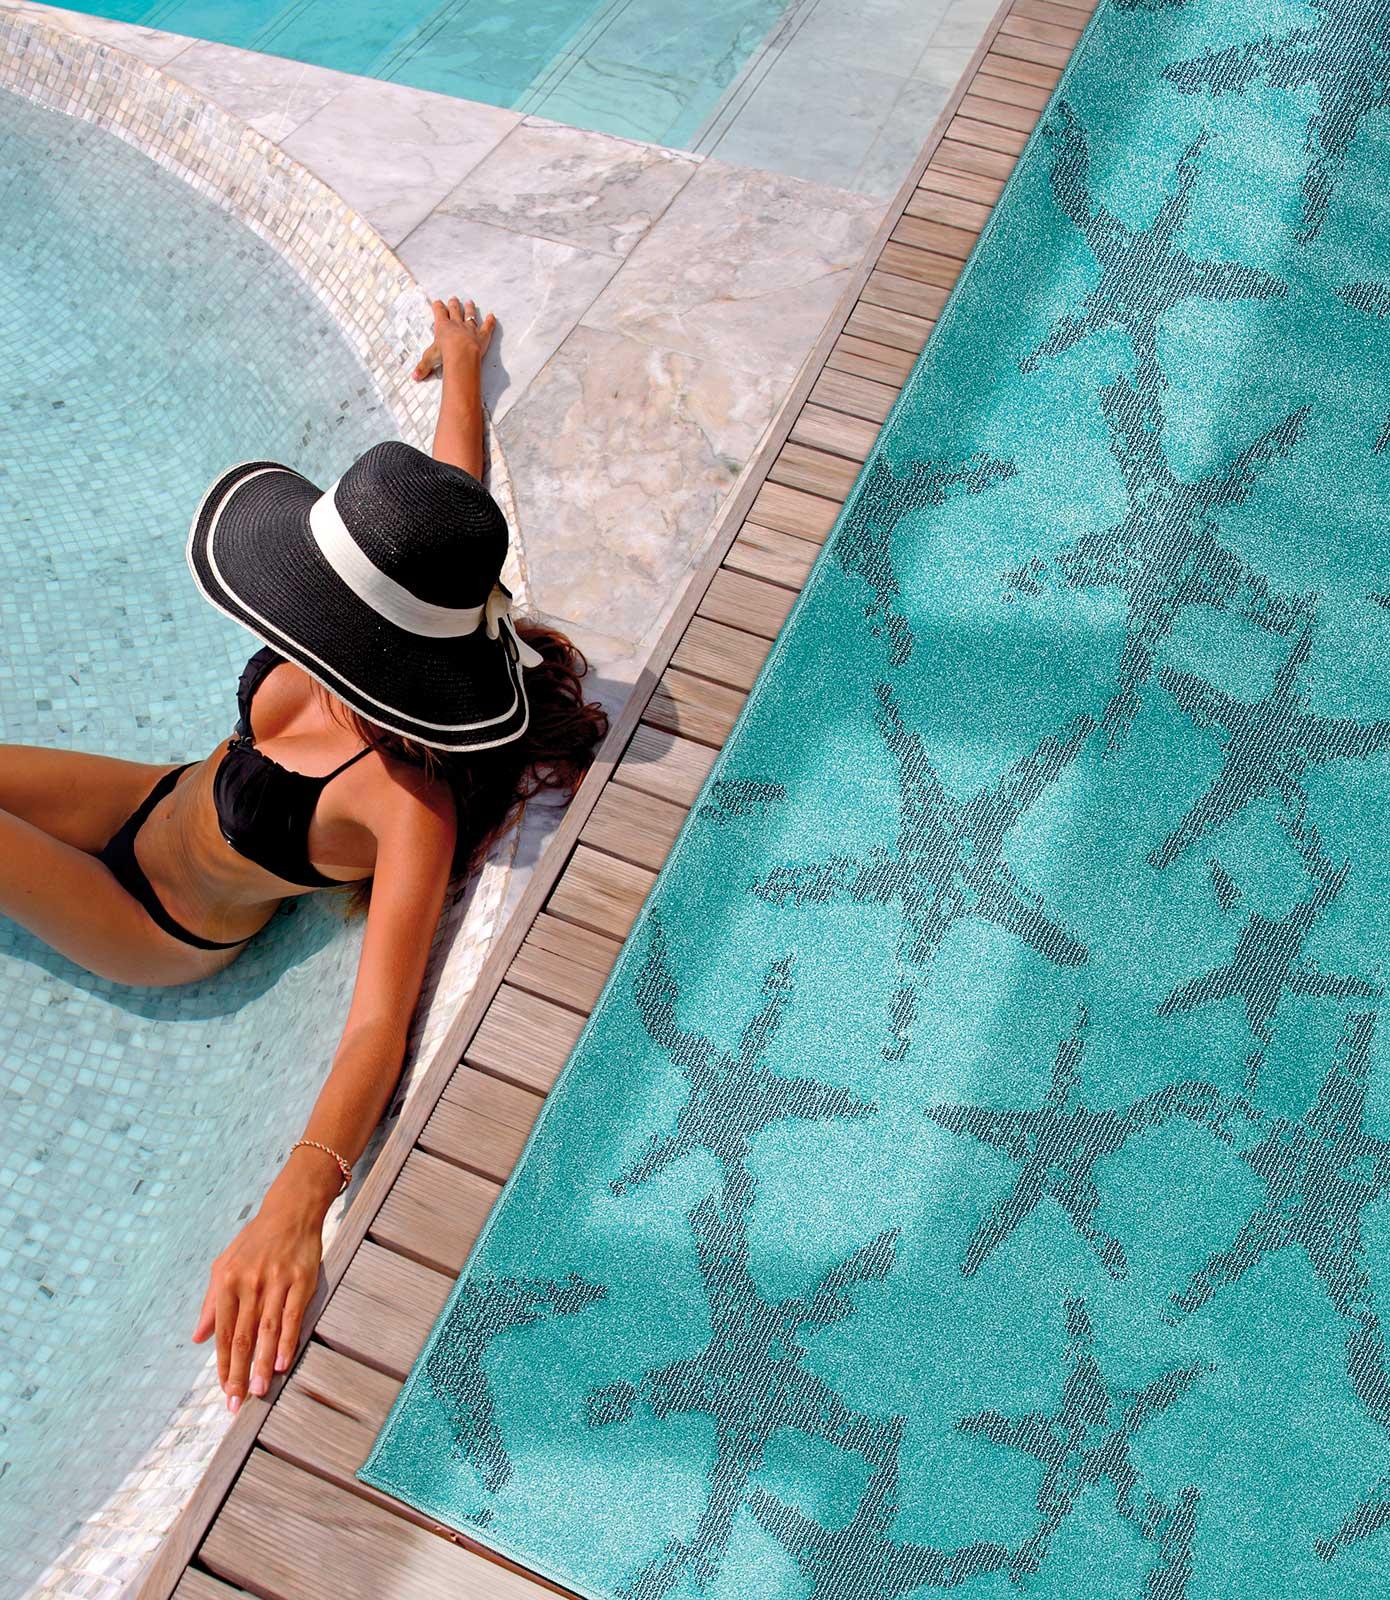 Dafne tappeto da esterno stelle marine italy dream design - Tappeto esterno ...